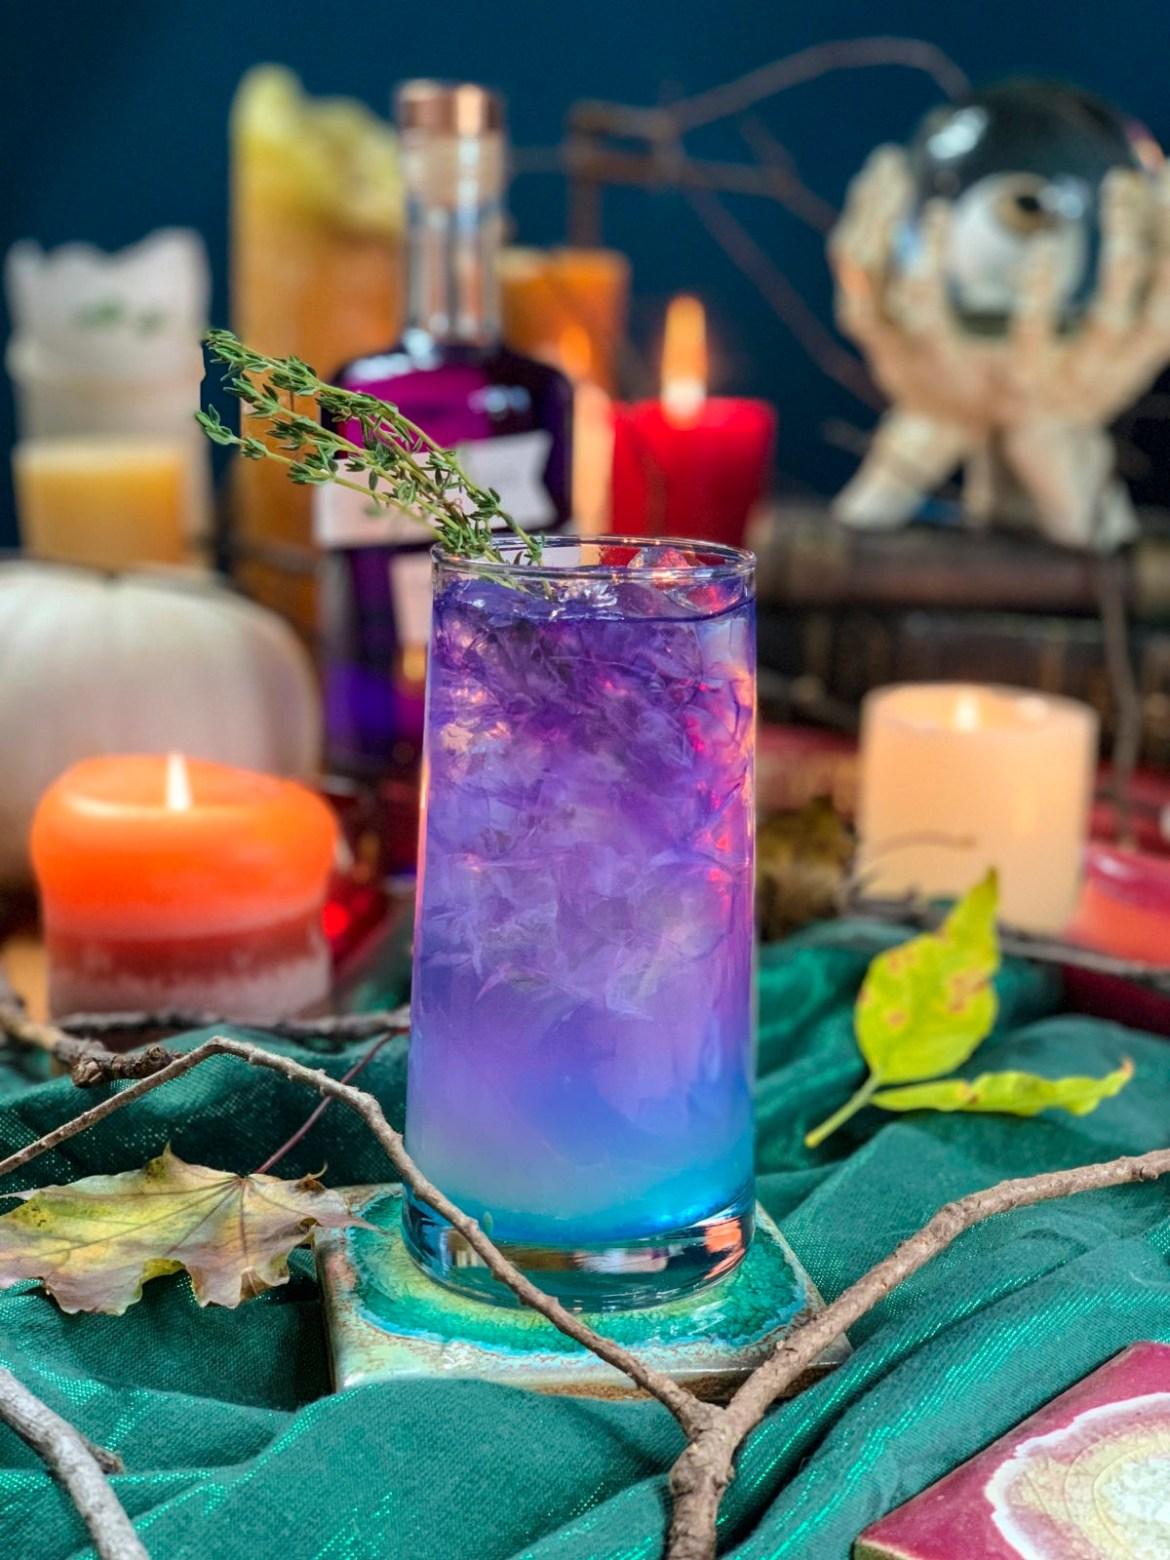 Hocus Pocus Witchs Brew